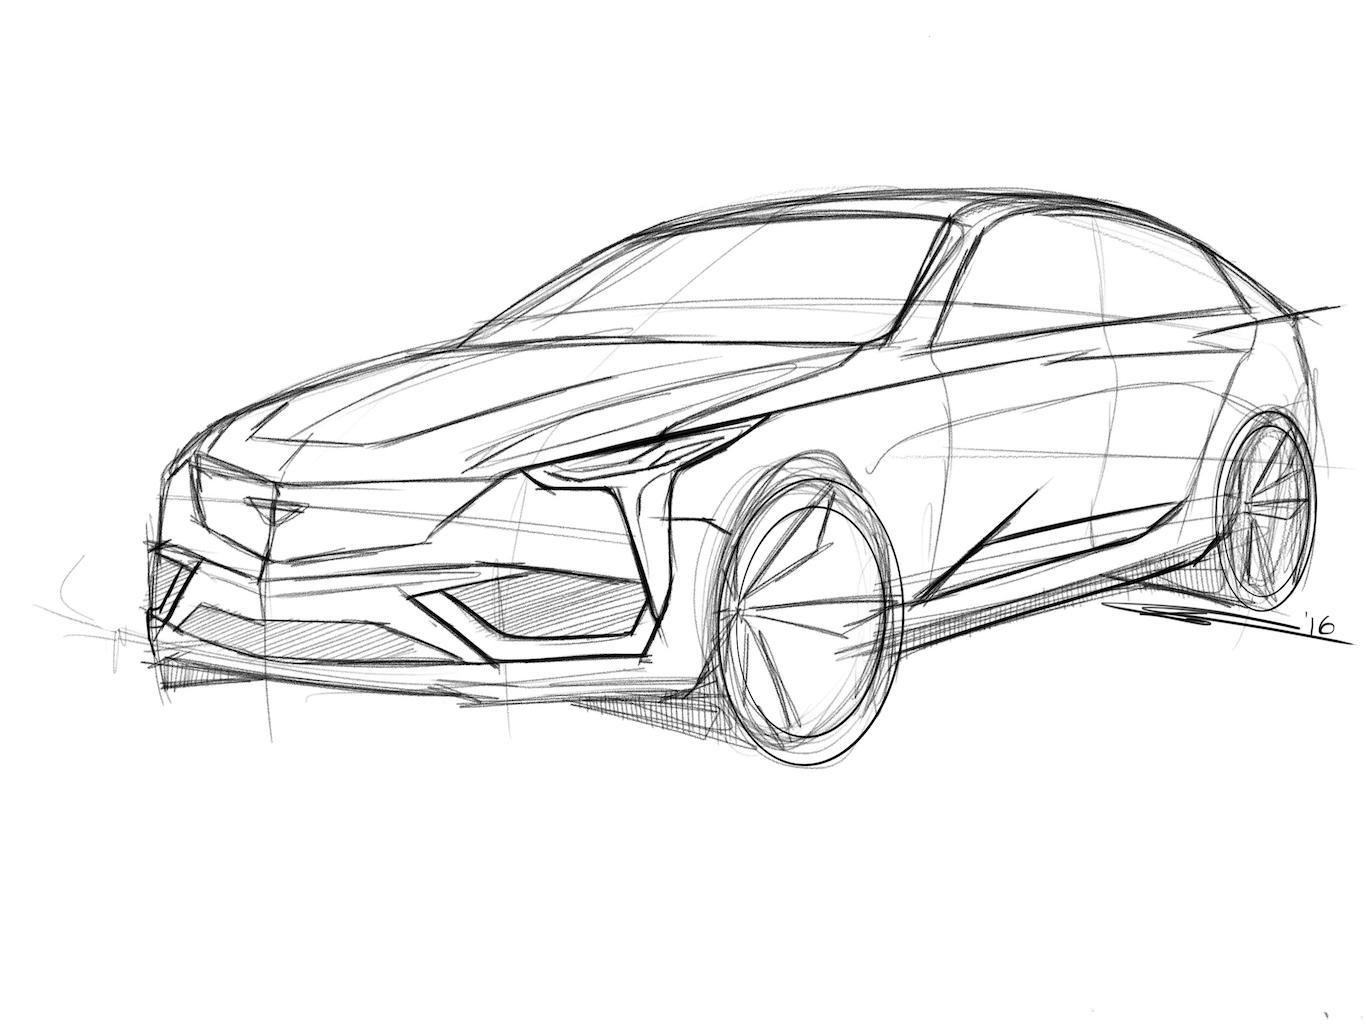 Cadillac Drawing At Getdrawings